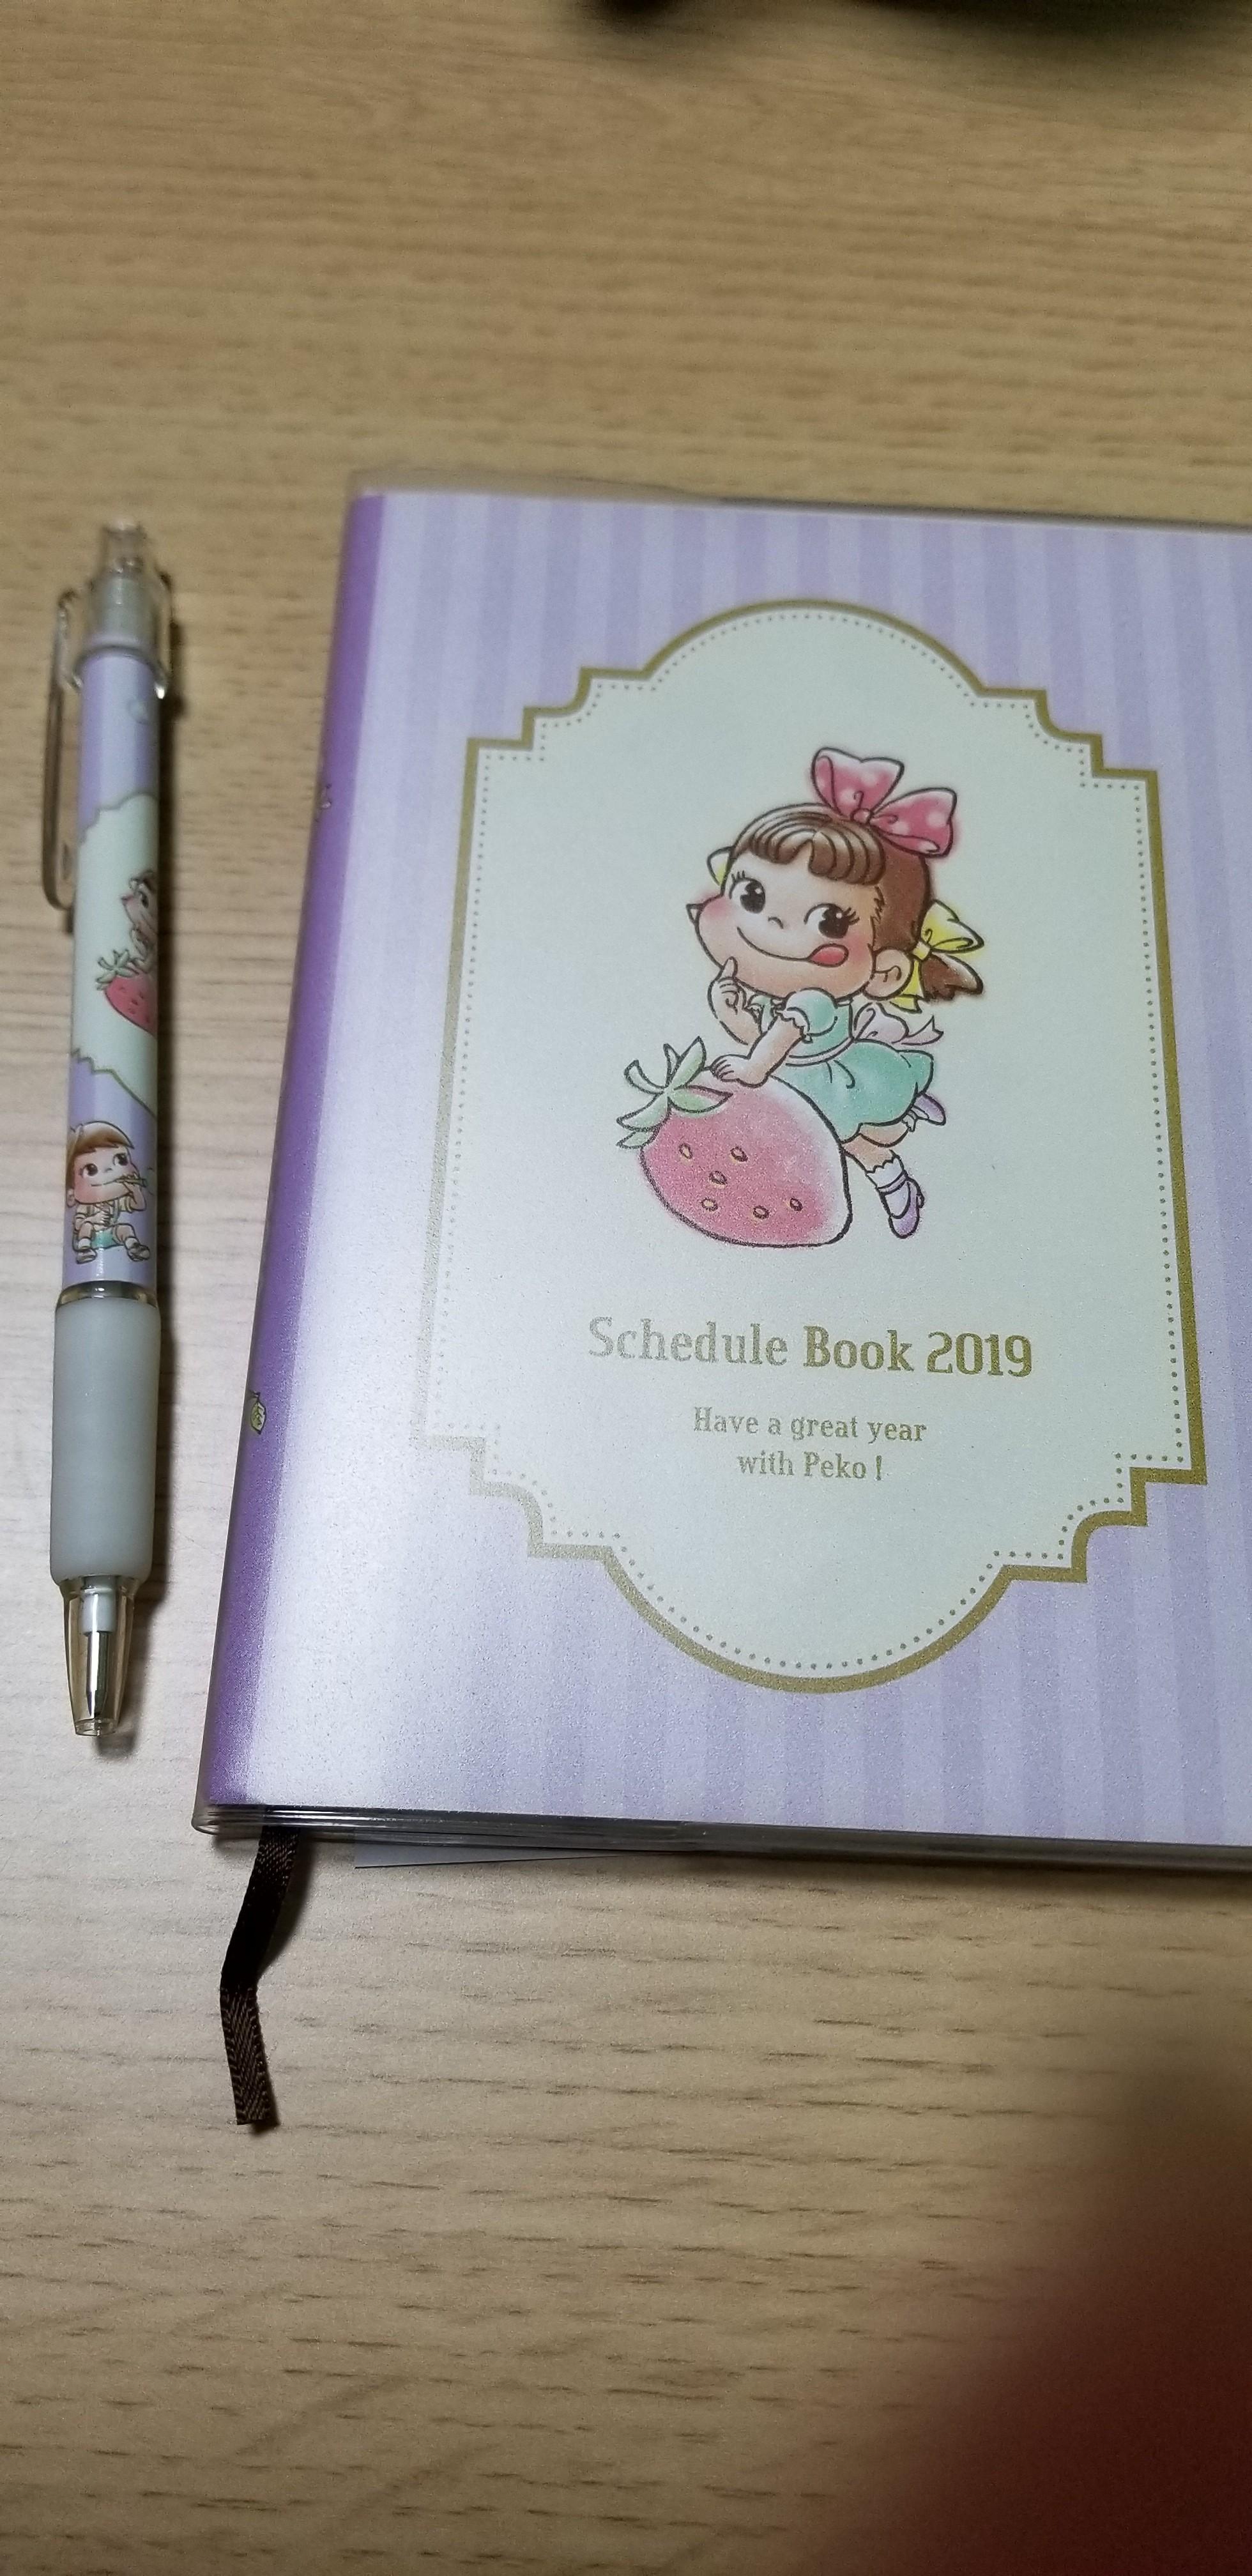 不二家で1500円以上買って来年のスケジュール帳をGETしよう!